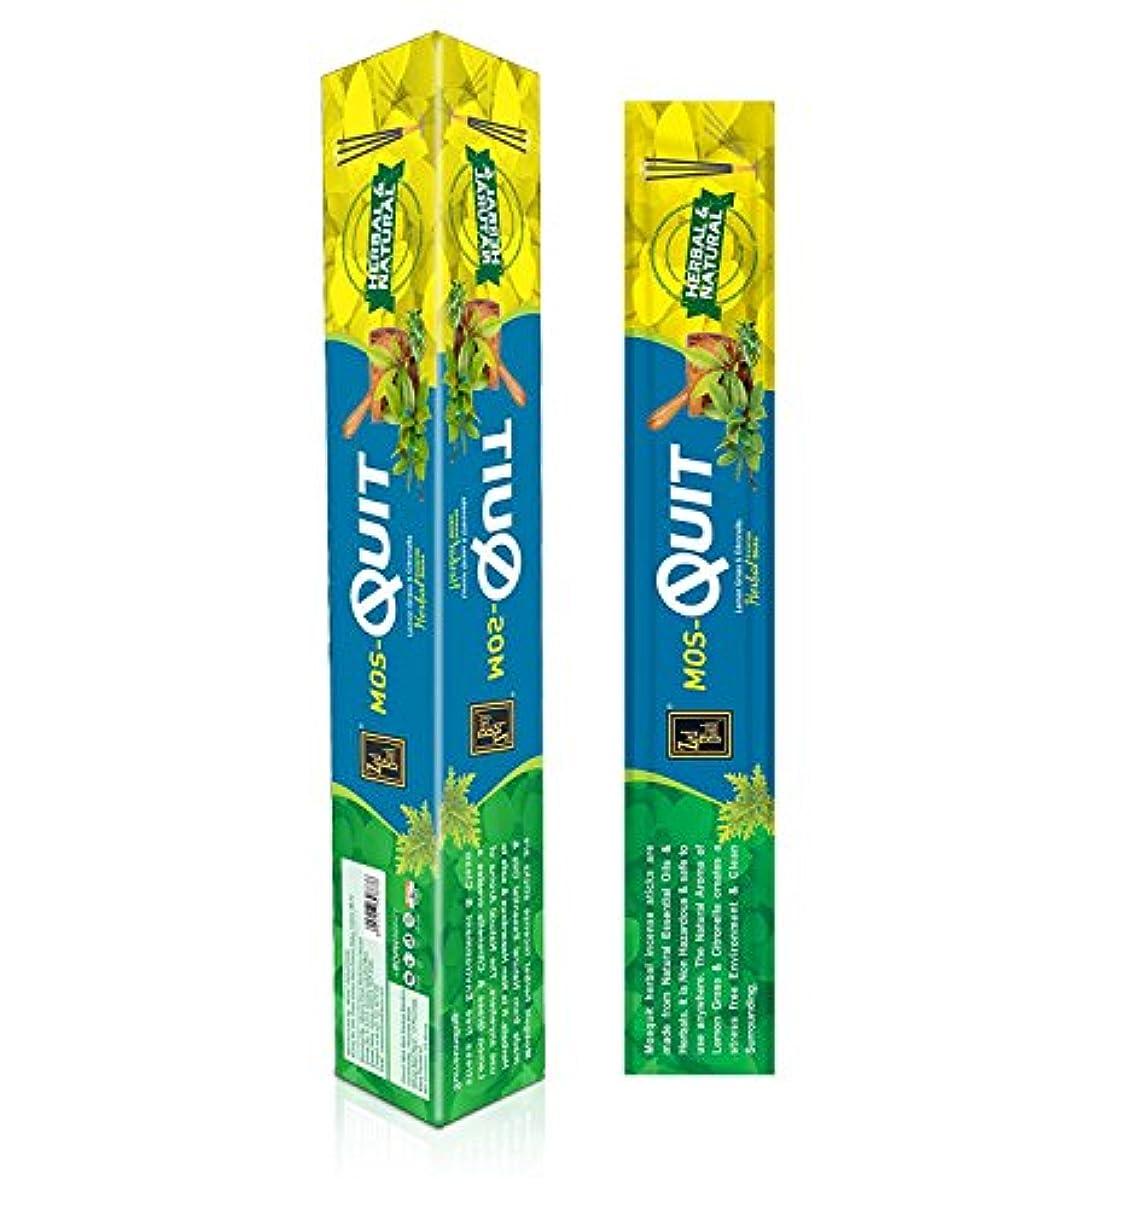 剥離命令港Mosquit Incense Sticks – 120ハーブスティック – Mosquito Repellent自然な香りSticks – 効果的な& worthy-madeから天然エッセンシャルオイル、ハーブ製品 –...